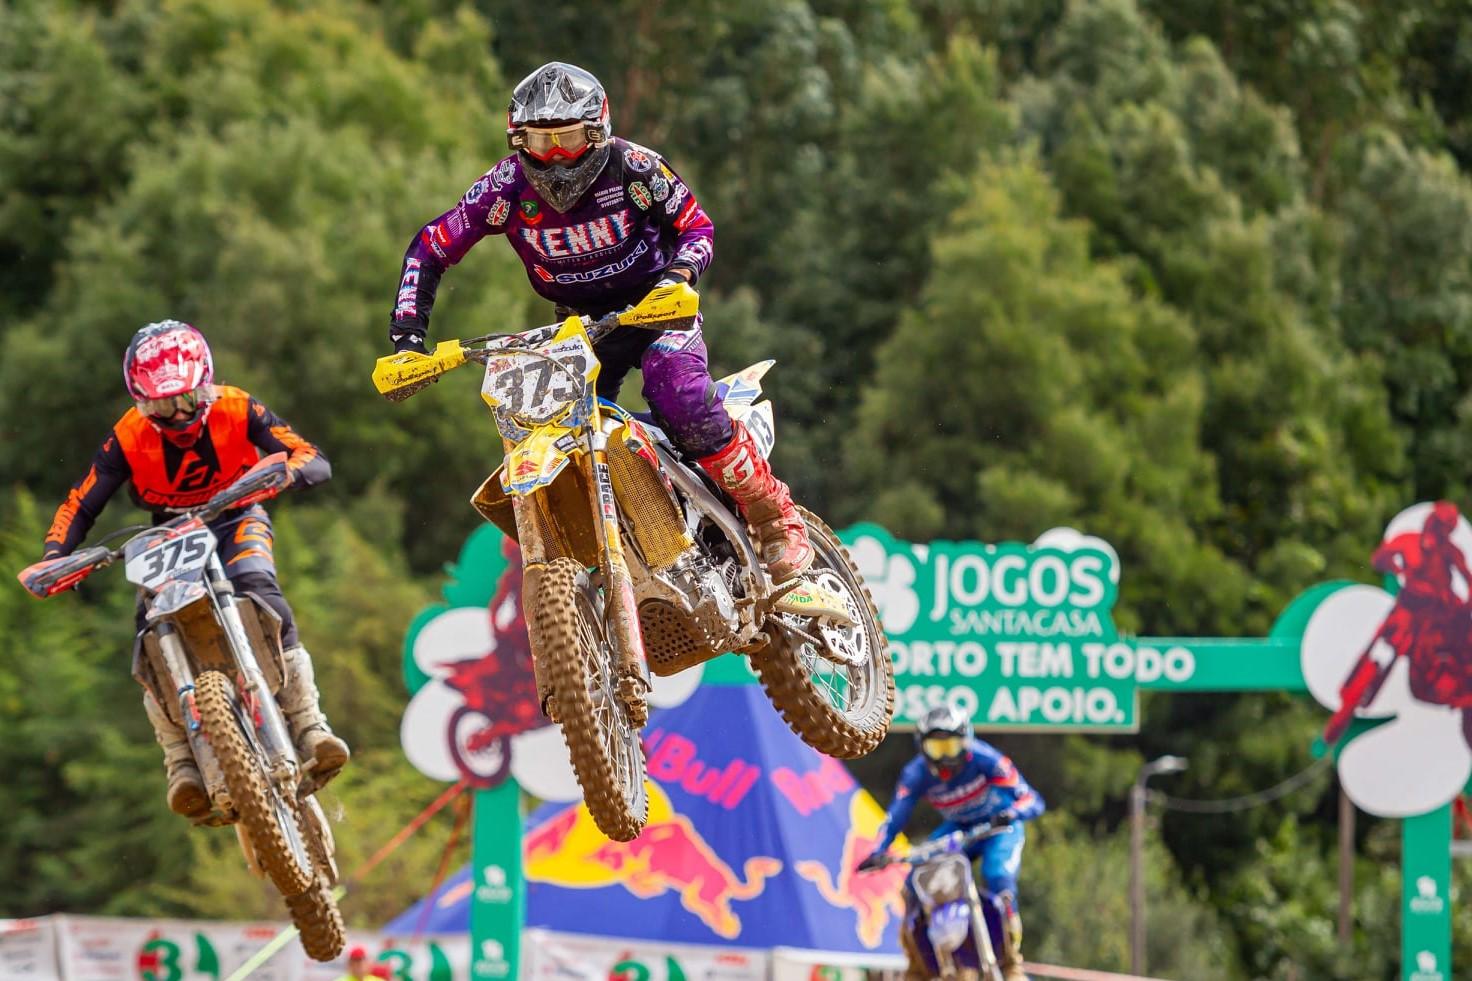 Águeda receberá ronda do Campeonato Nacional de Motocross 2020